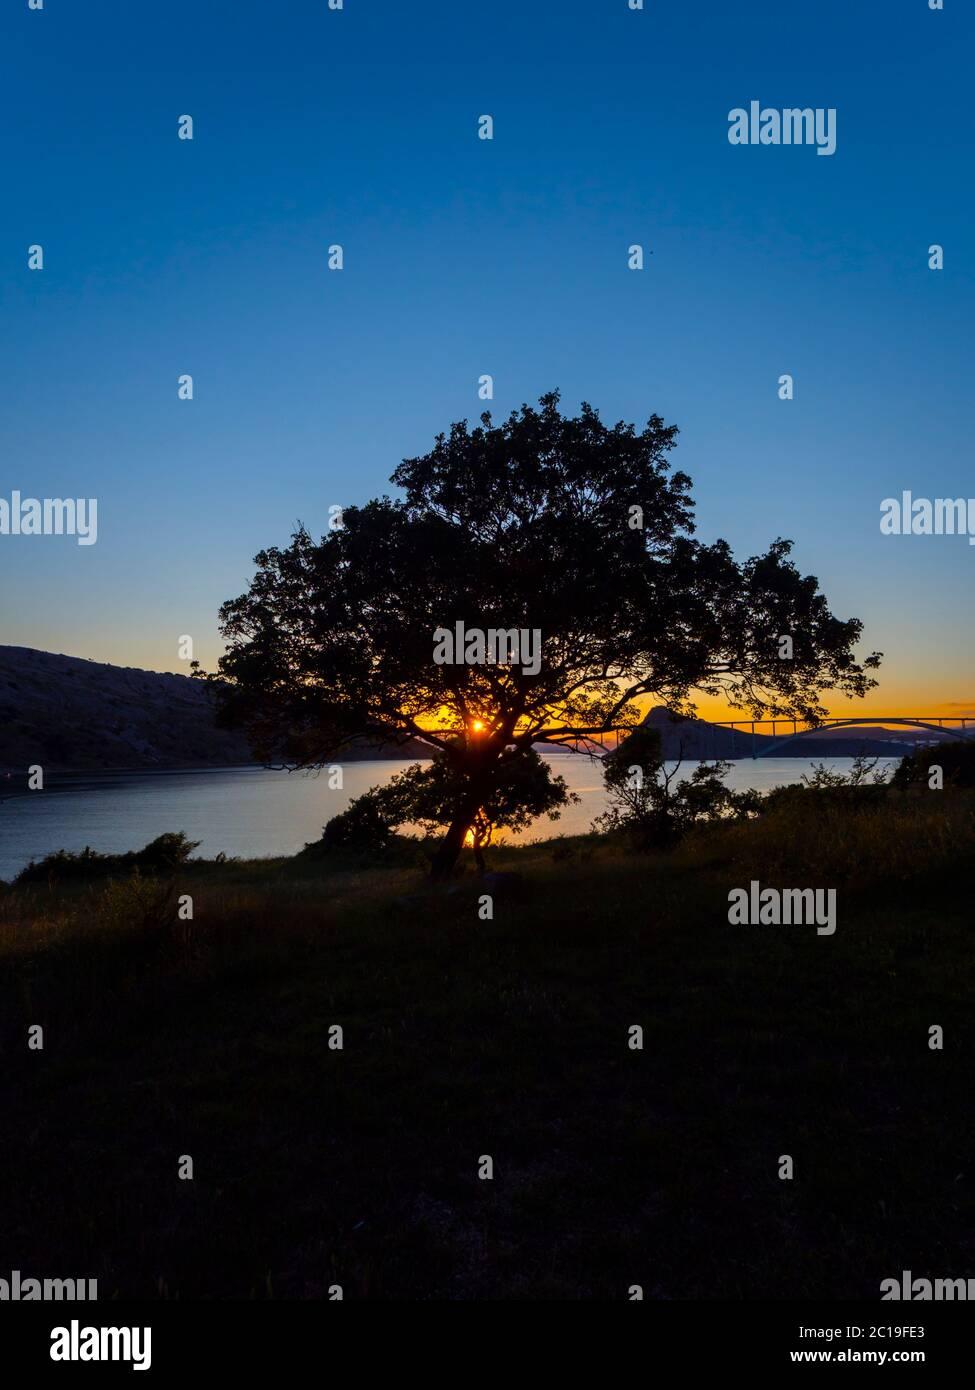 Puesta de sol paisaje puente continental a la isla Krk Croacia ver vista a través de árbol dominante Foto de stock